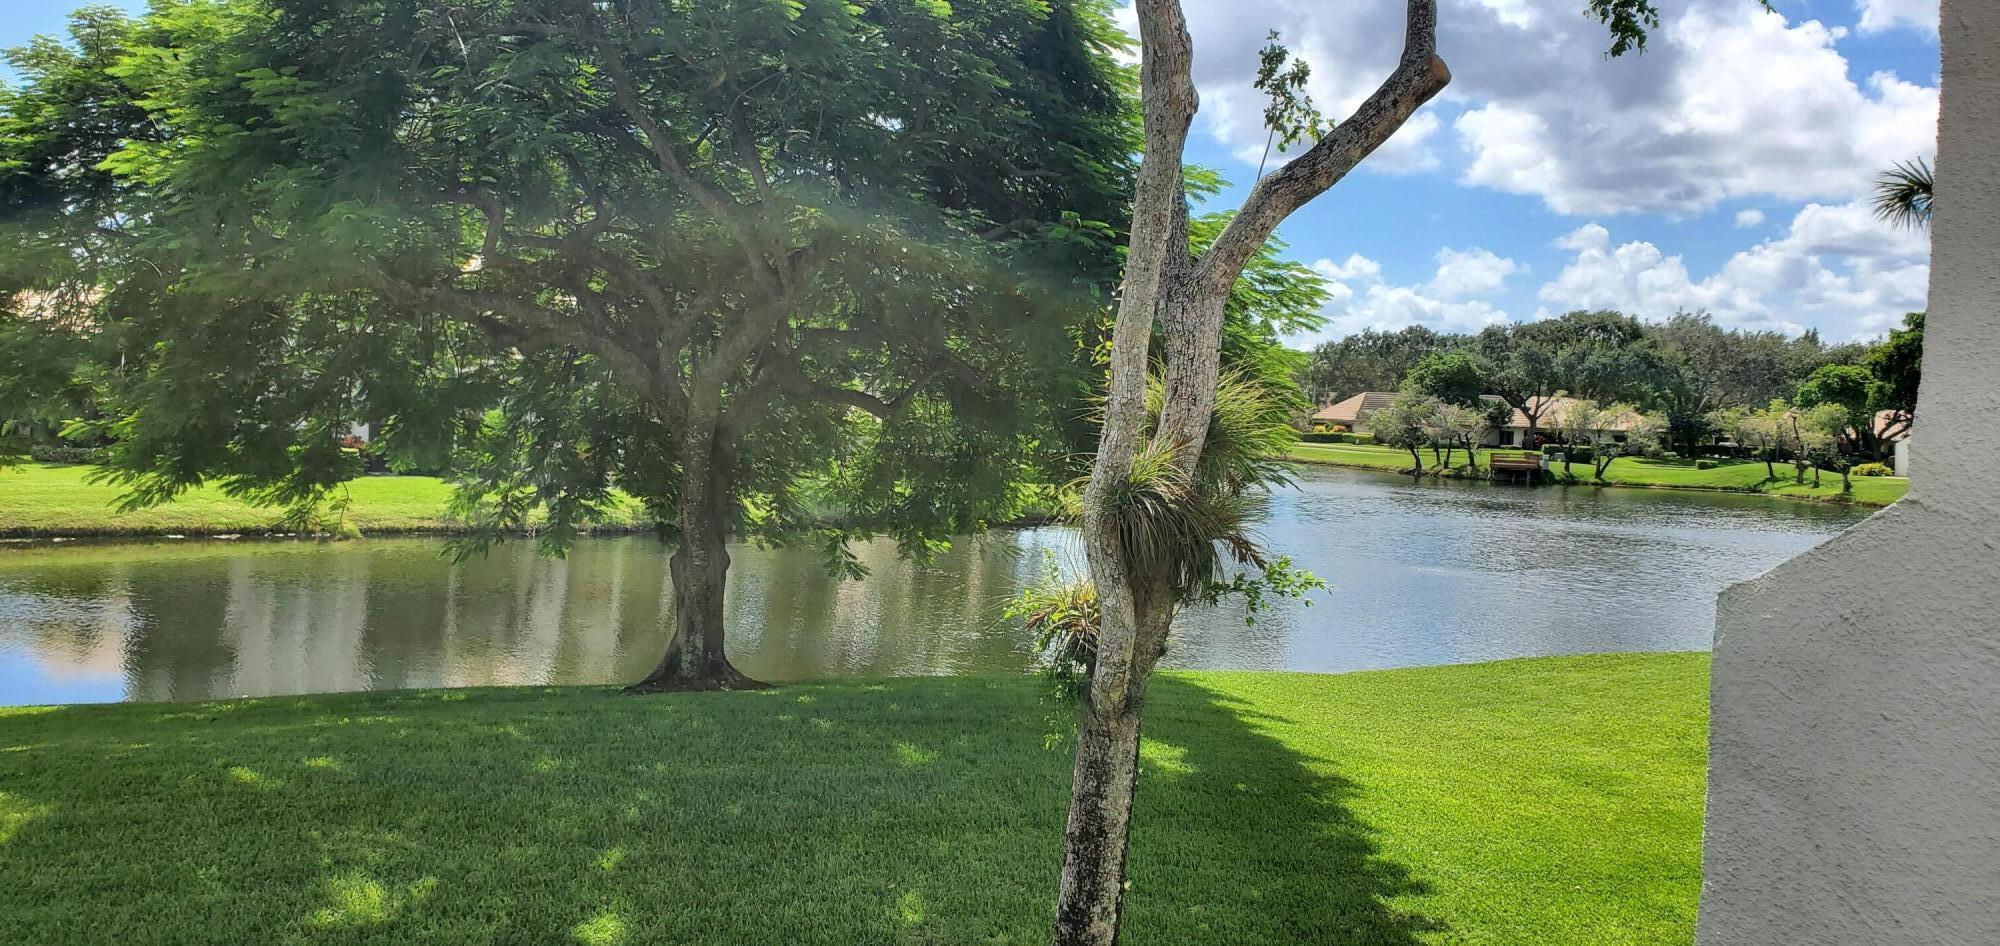 902  Bridgewood Place  For Sale 10750098, FL